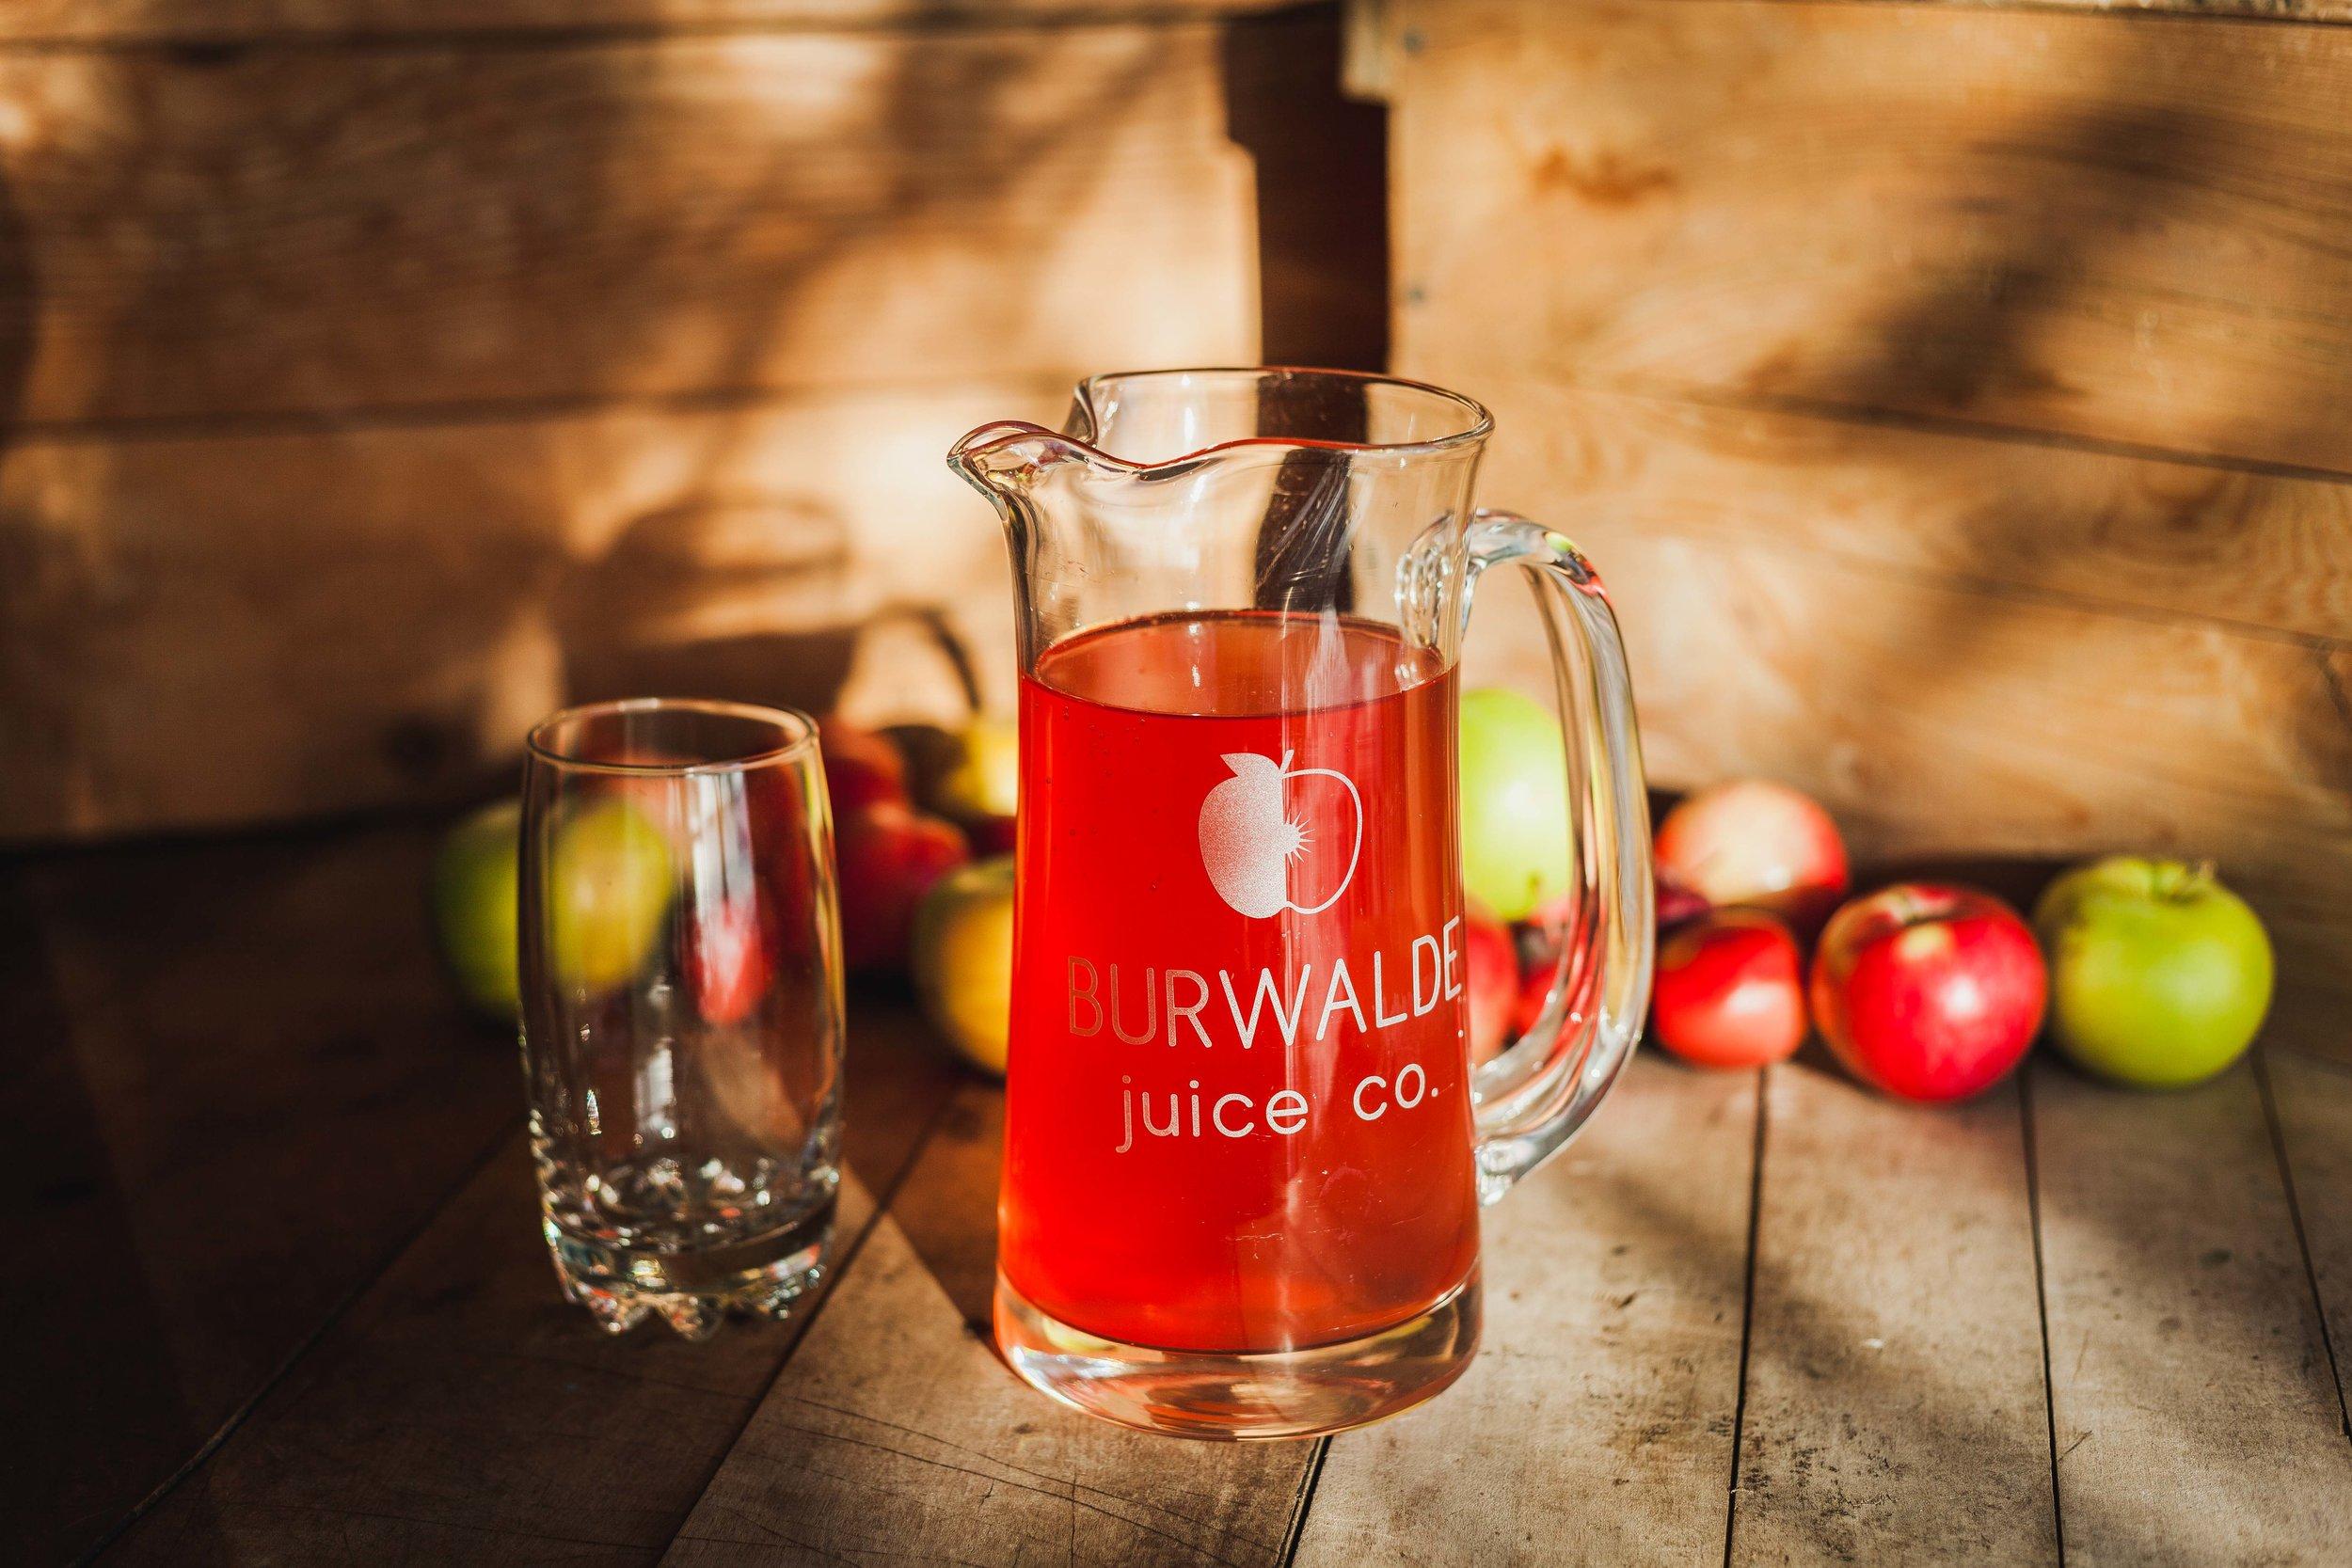 Burwalde-Juice-56[1].jpg